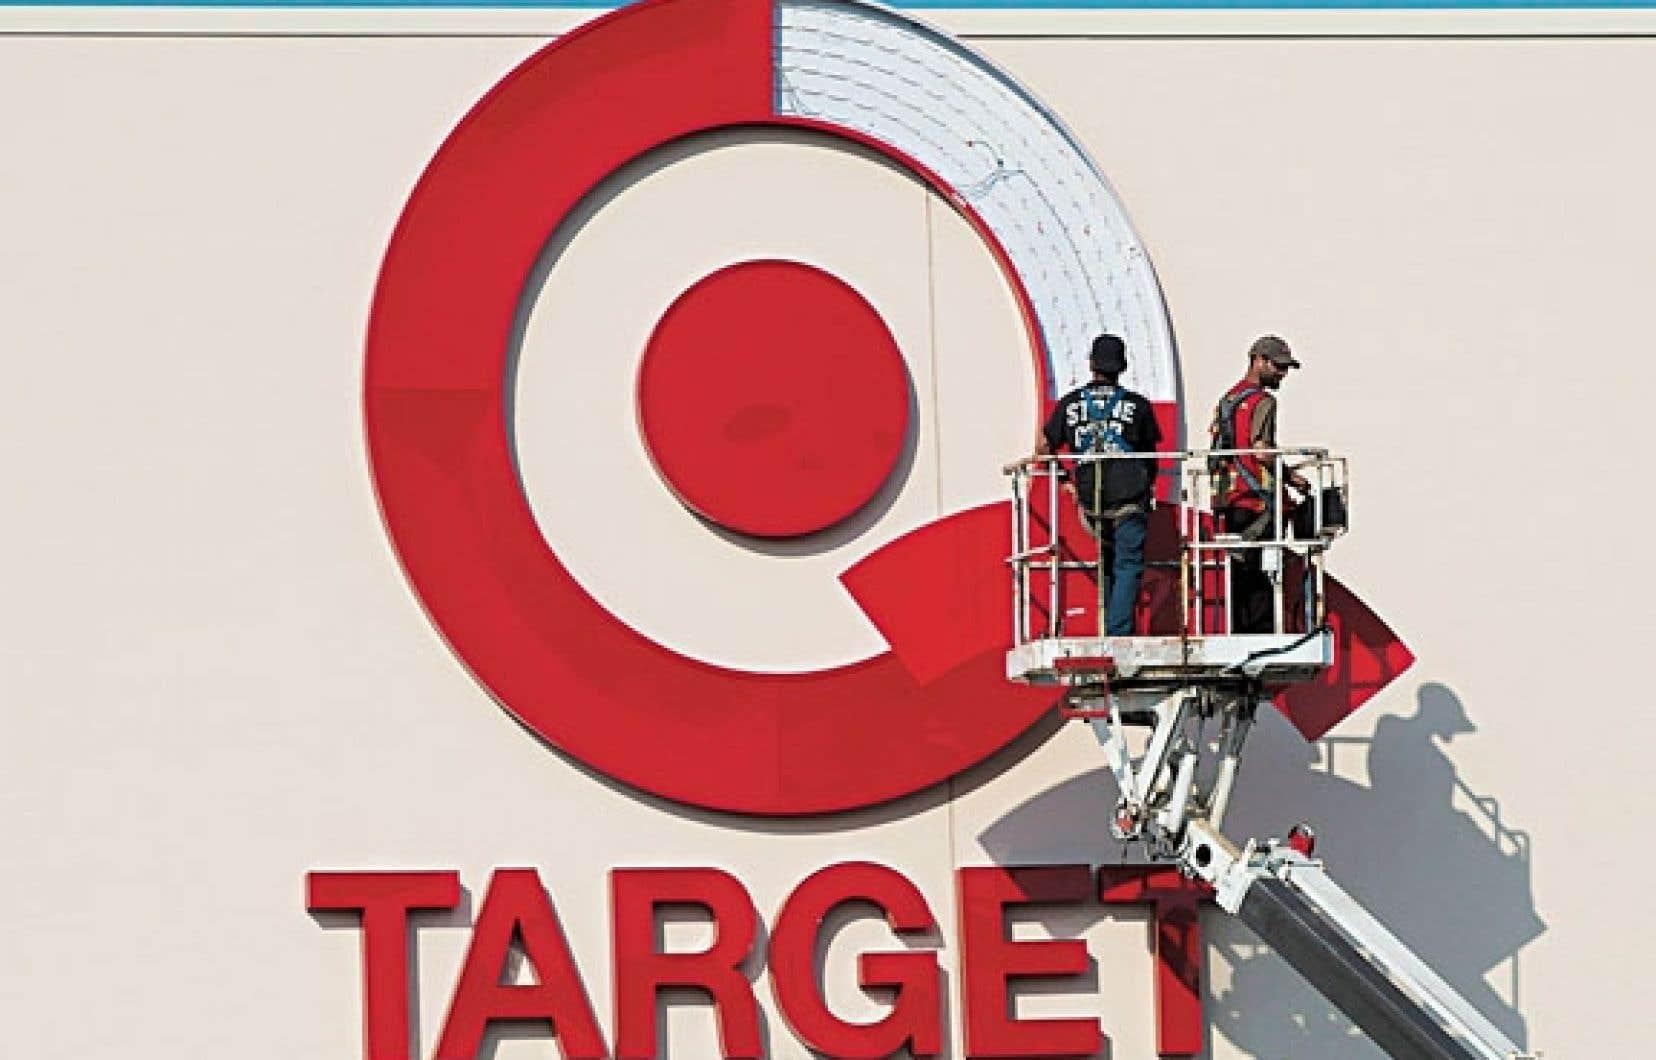 Des travailleurs installent le logo de la chaîne Target.